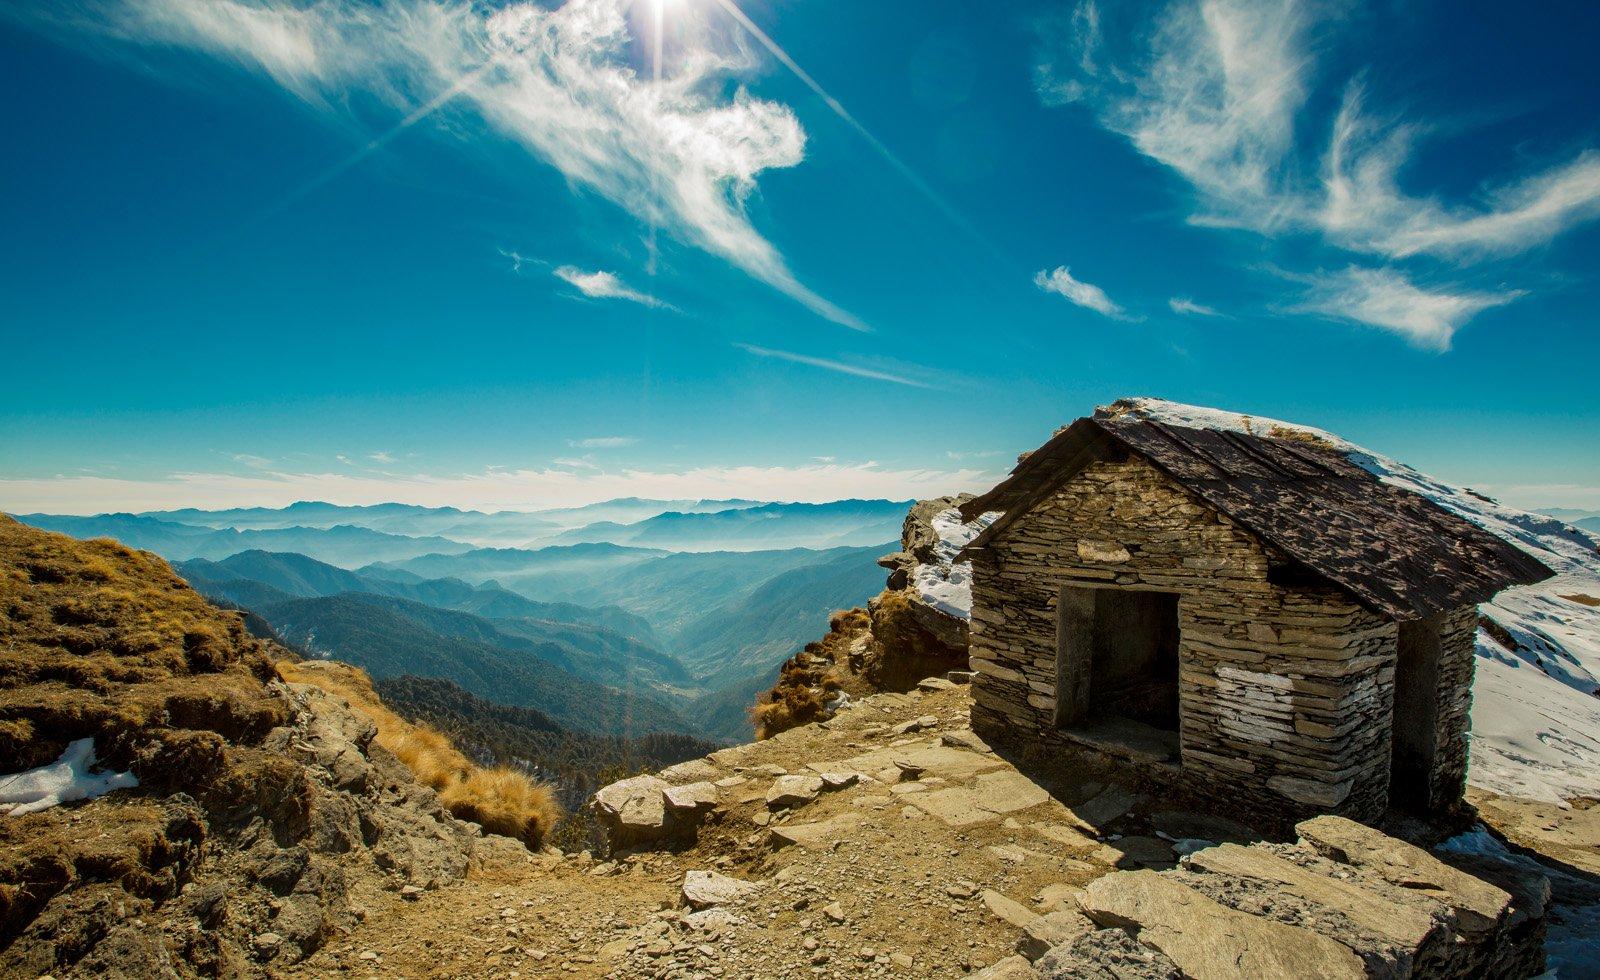 Uttarakhand Tour - Tourism in Uttranchal